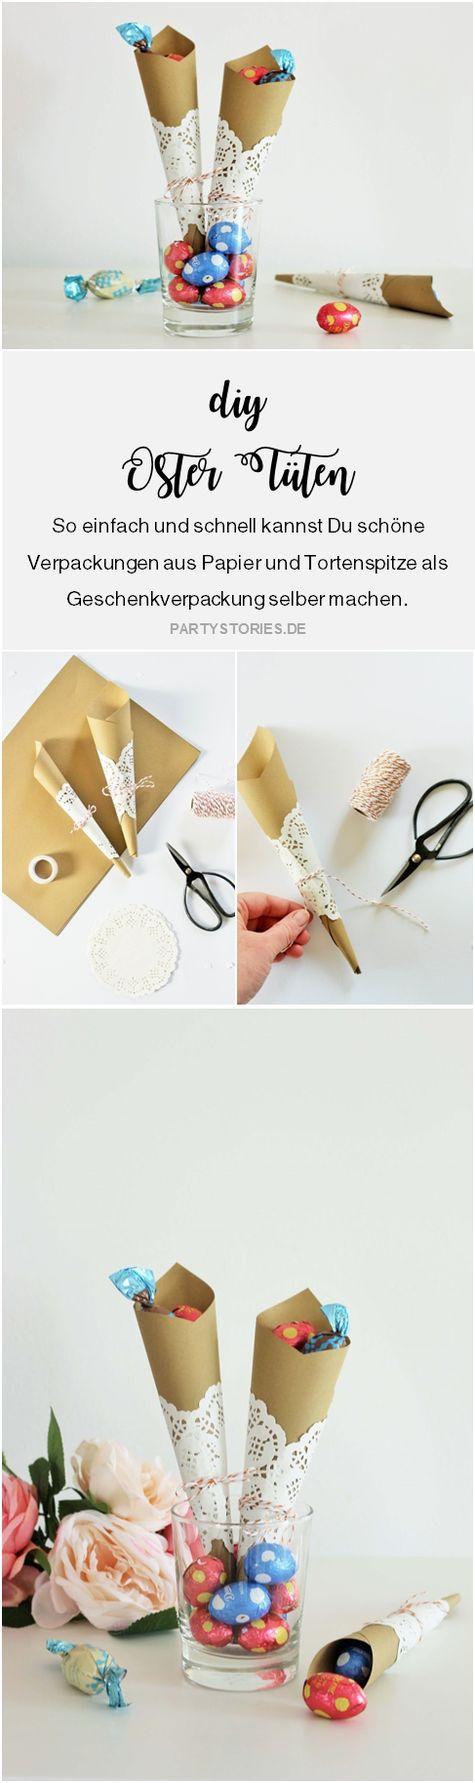 Geschenkverpackung als Ostertüte einfach selber machen - Mit dieser Anleitung schöne Verpackungen aus Papier und Tortenspitze für Ostern basteln; gefunden auf www.partystories.de #ostern #diy #geschenke #geschenkidee #basteln